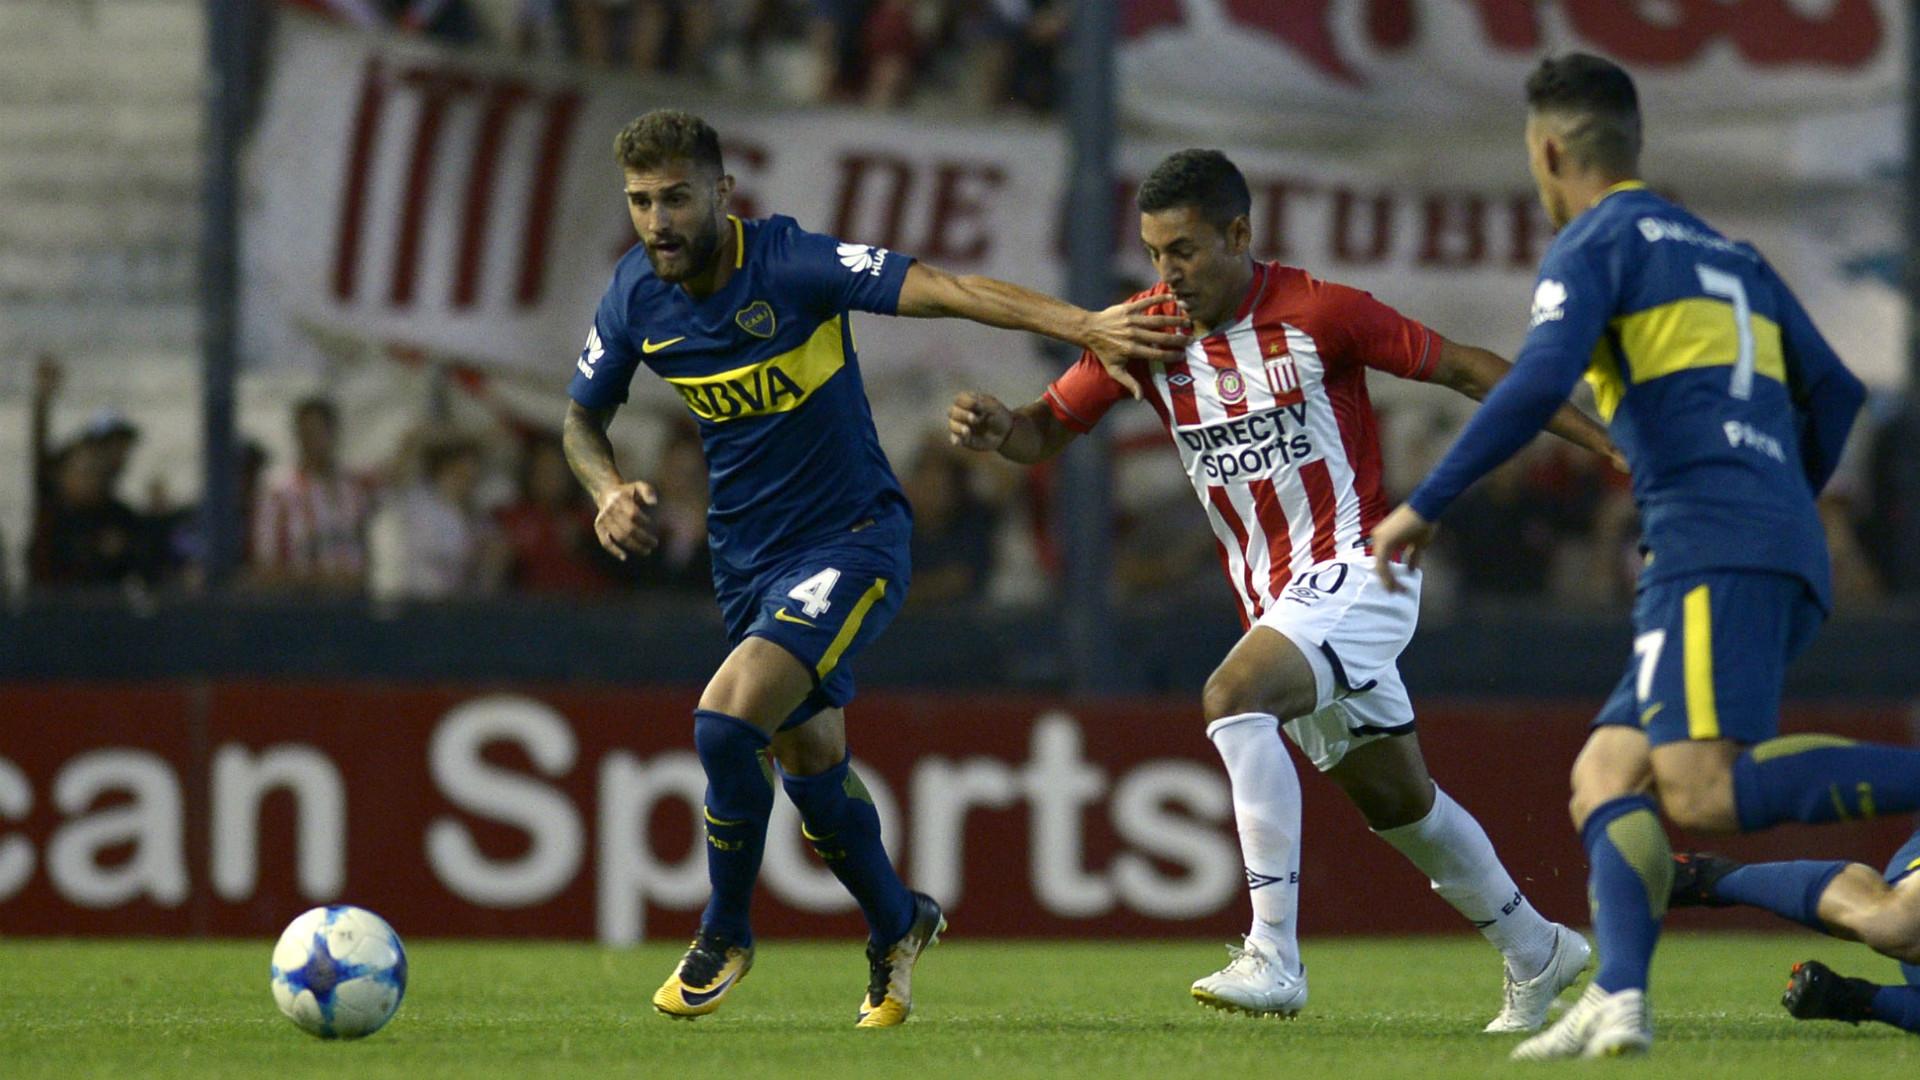 Gino Peruzzi Estudiantes Boca Superliga 2017/18